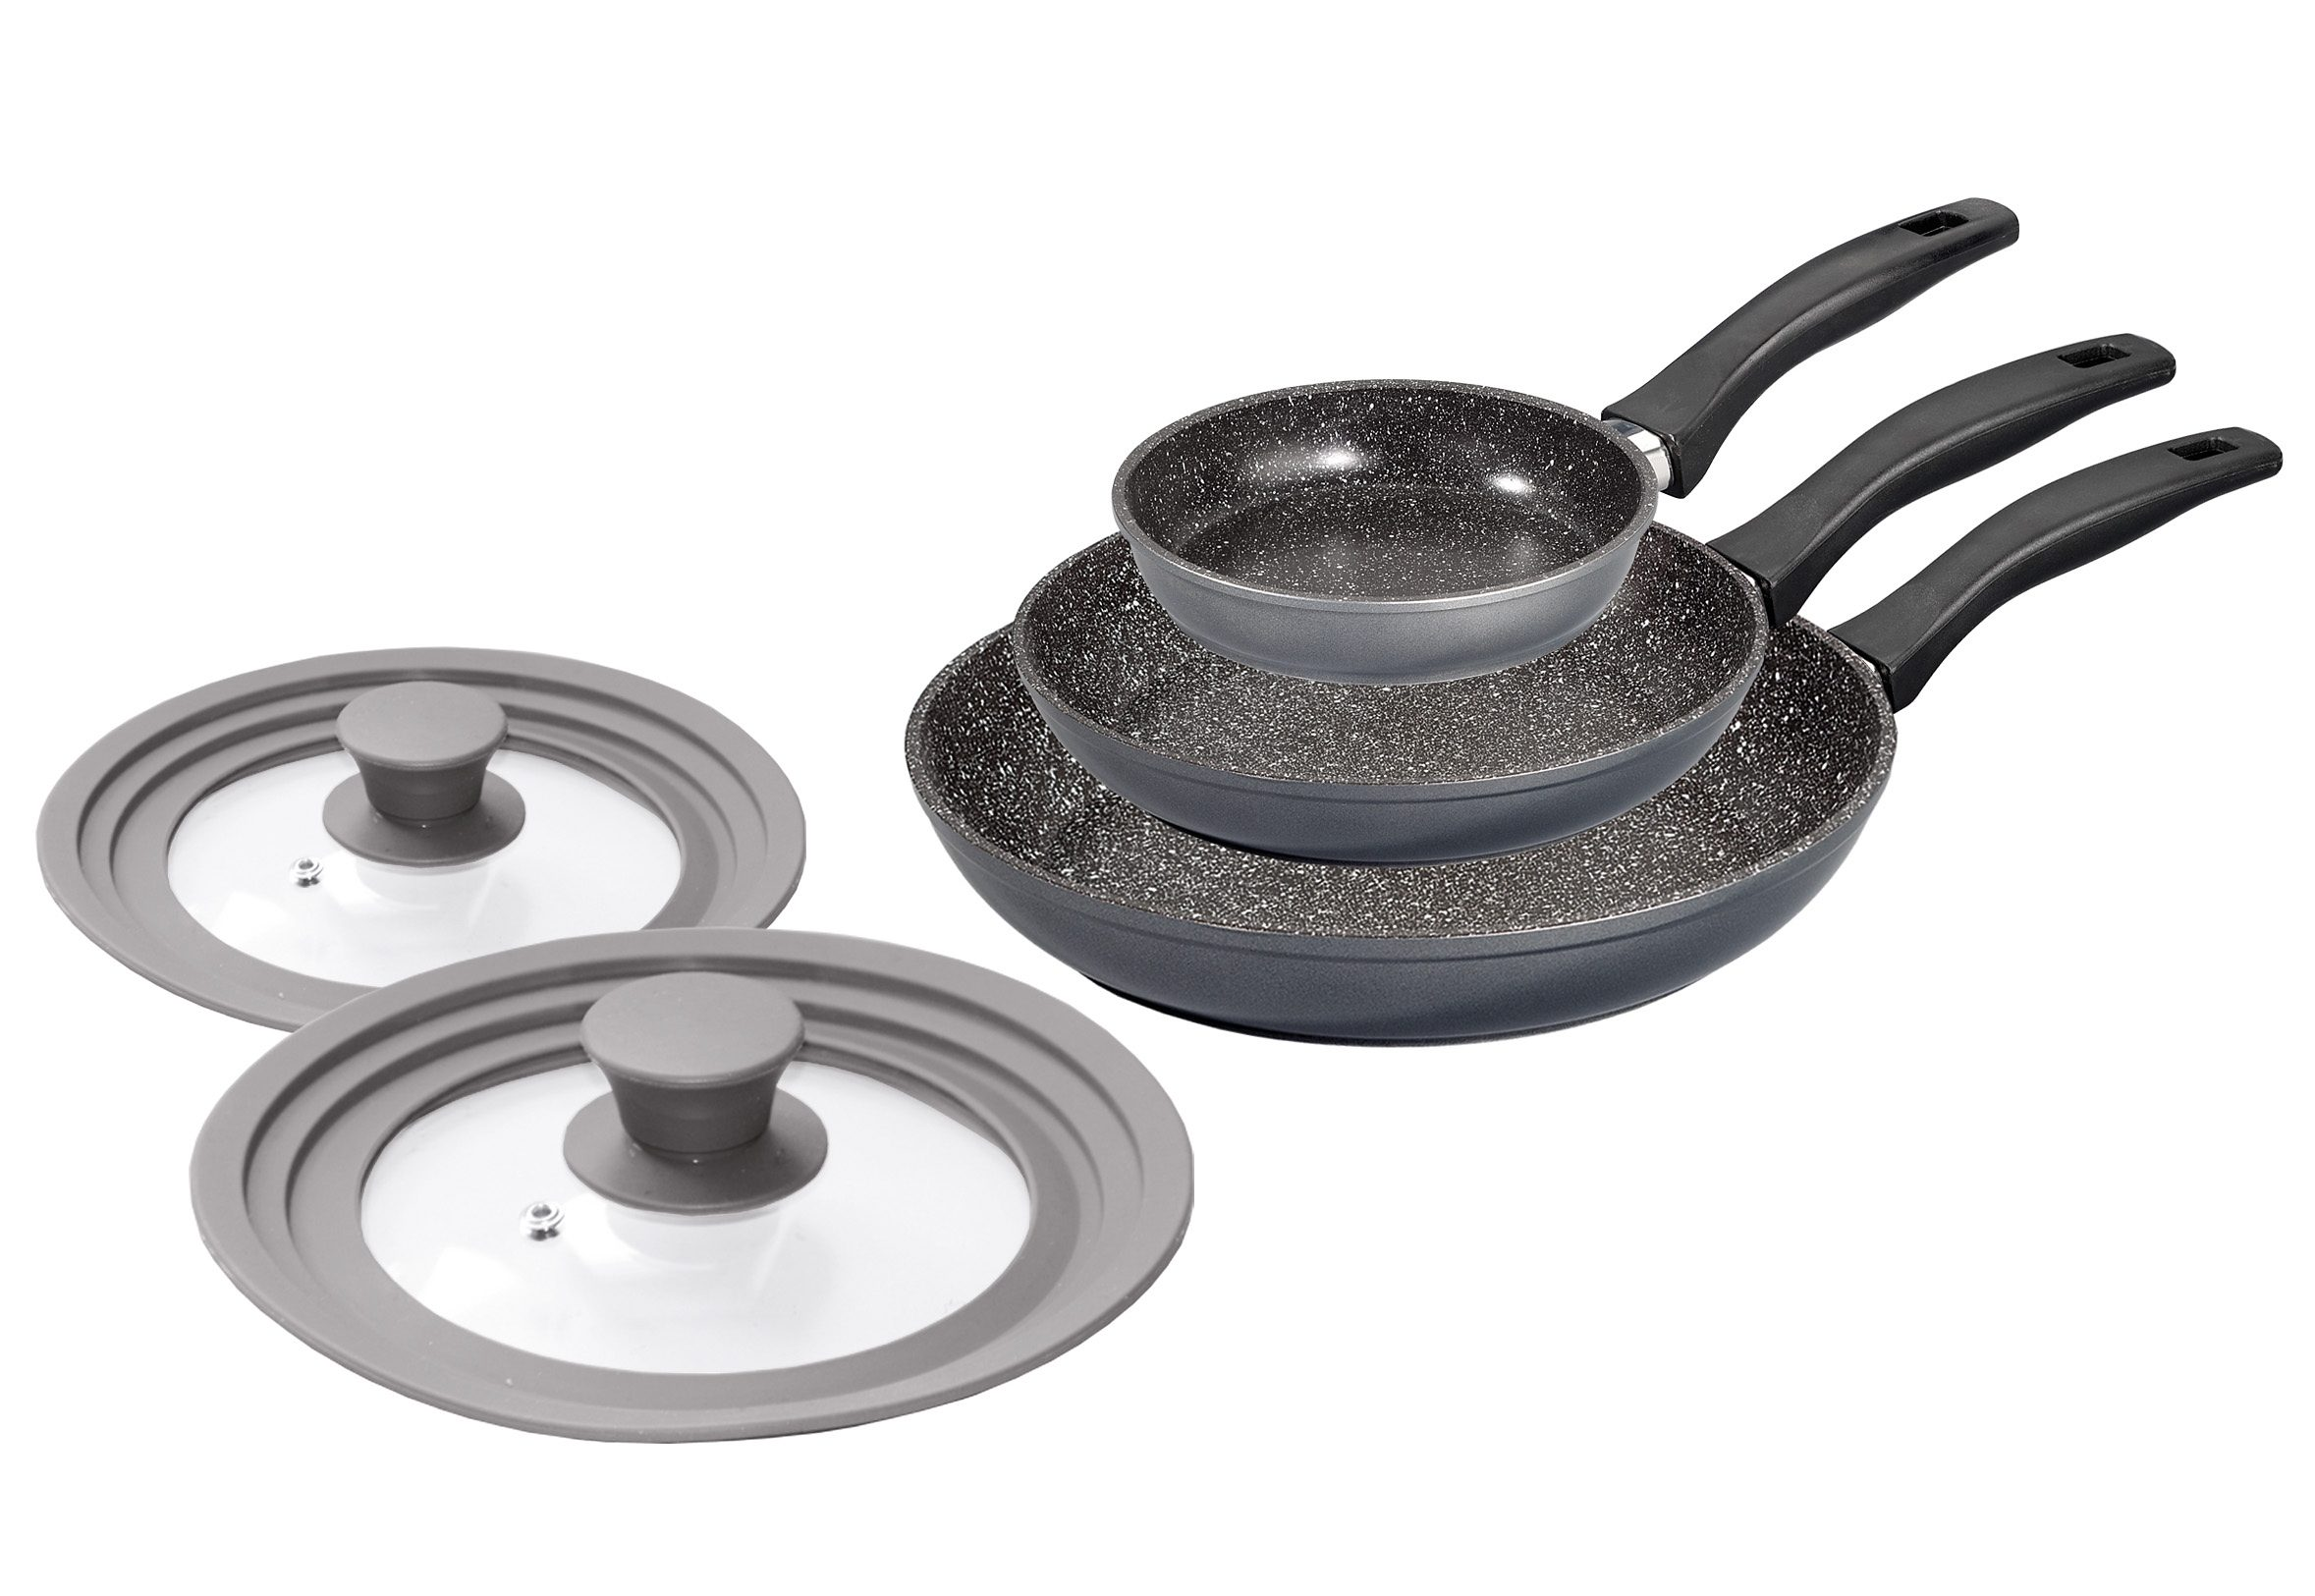 Stoneline Pfannen-Set, Aluminiumguss, Multideckel, Induktion